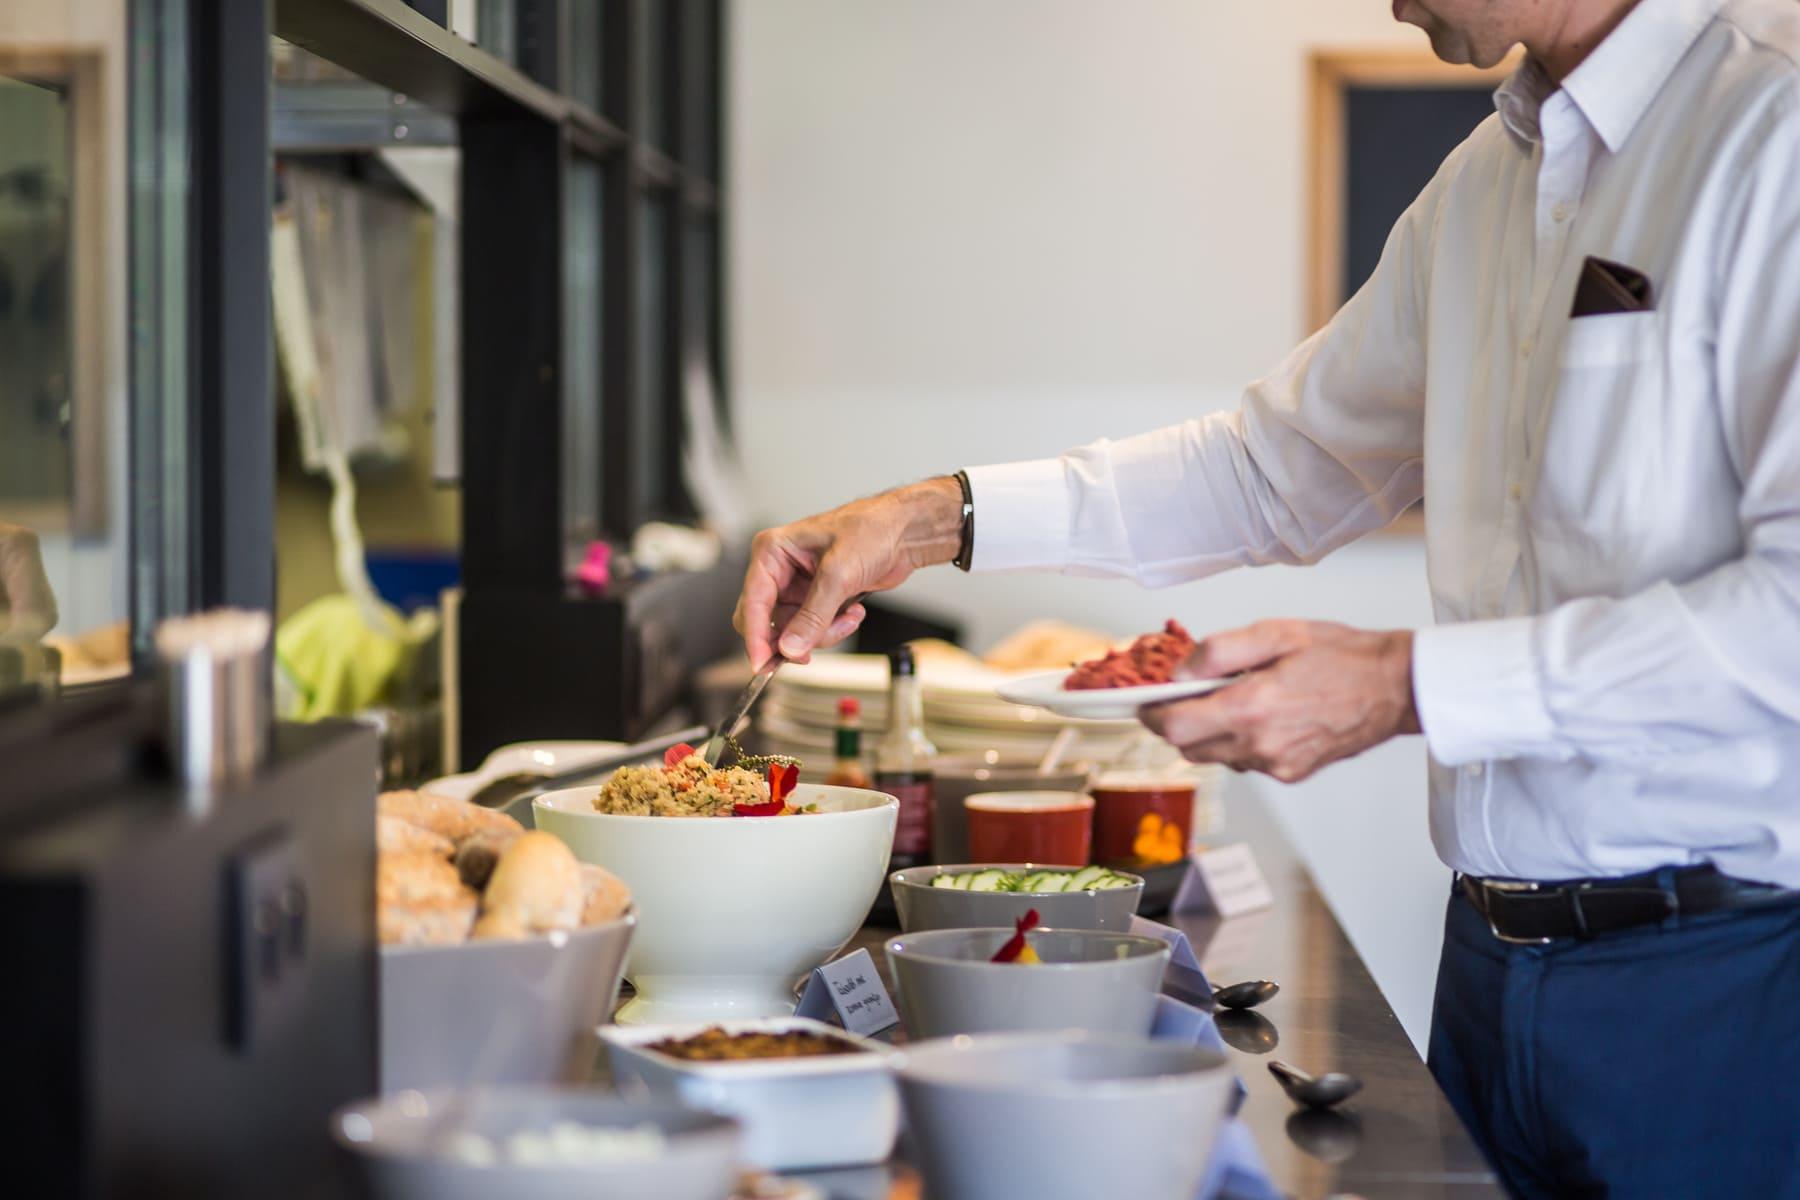 Kasteelhoeve Wange faciliteiten ontbijt eten Landen weekend overnachten familie vrienden